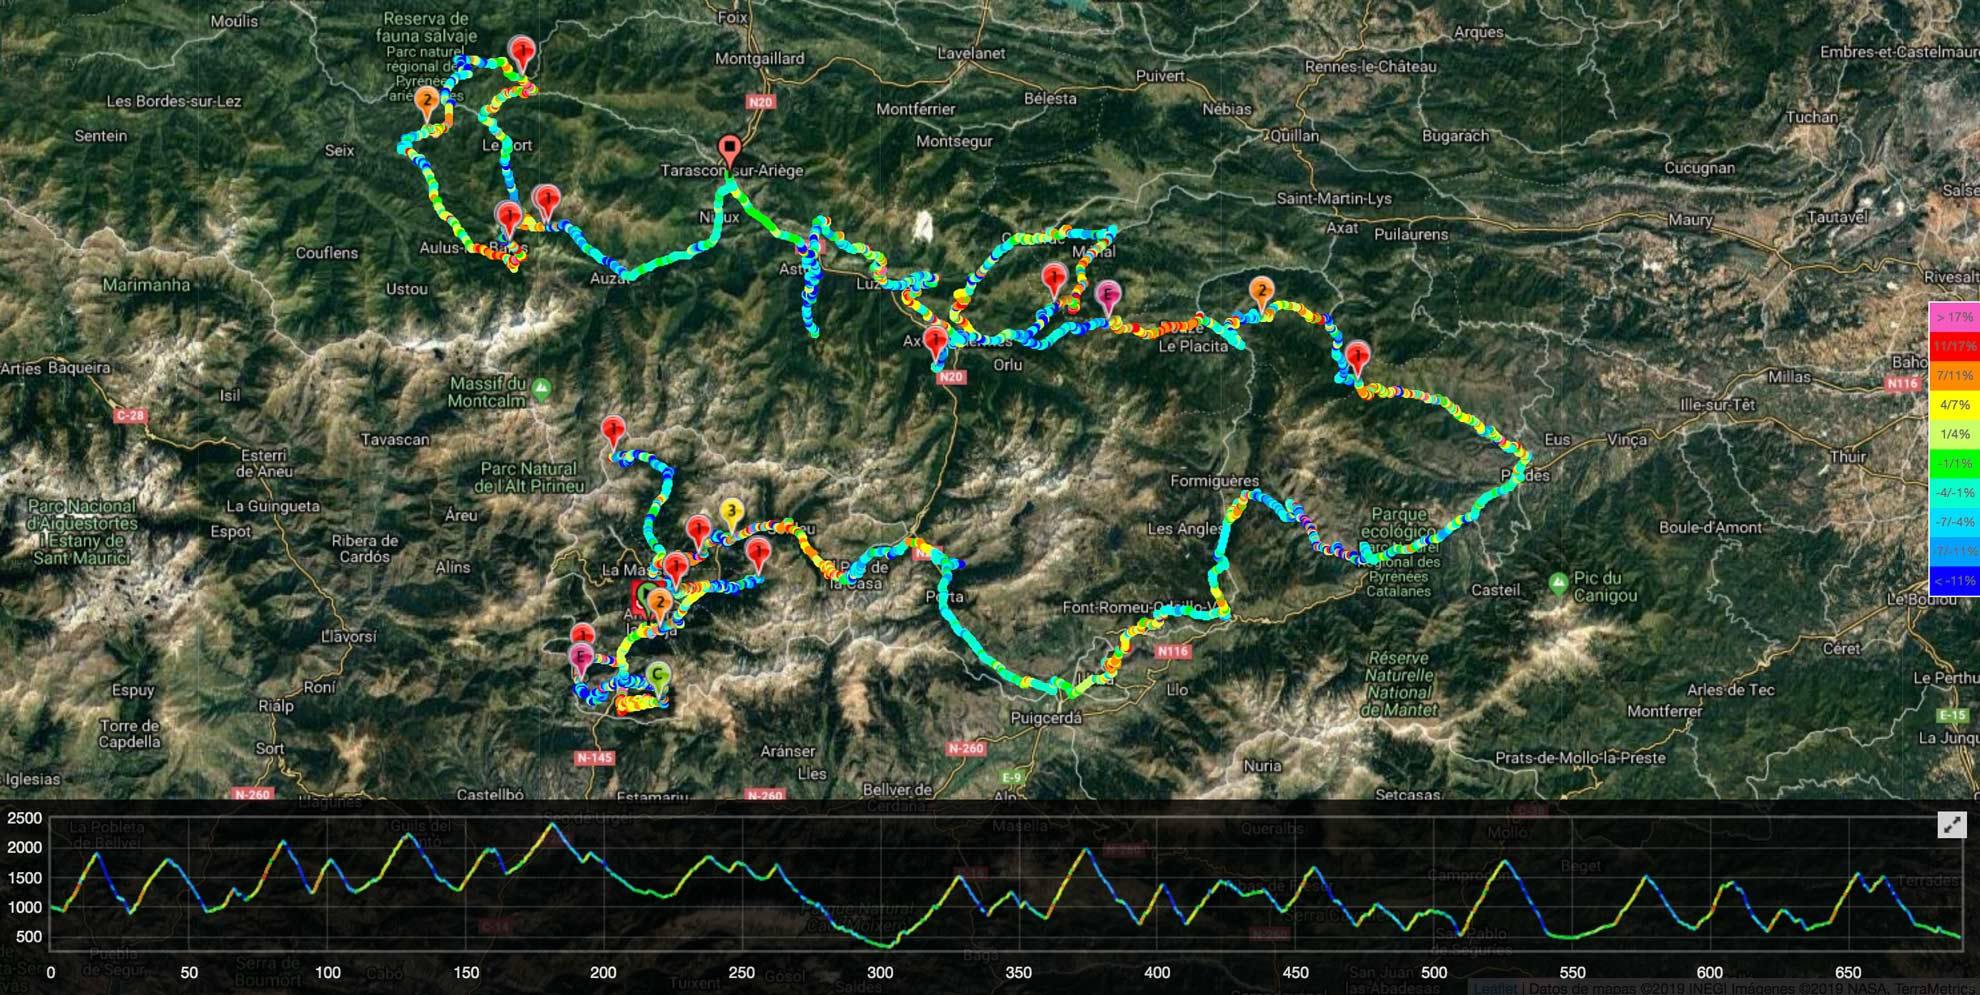 Recorrido cicloturístico en Andorra